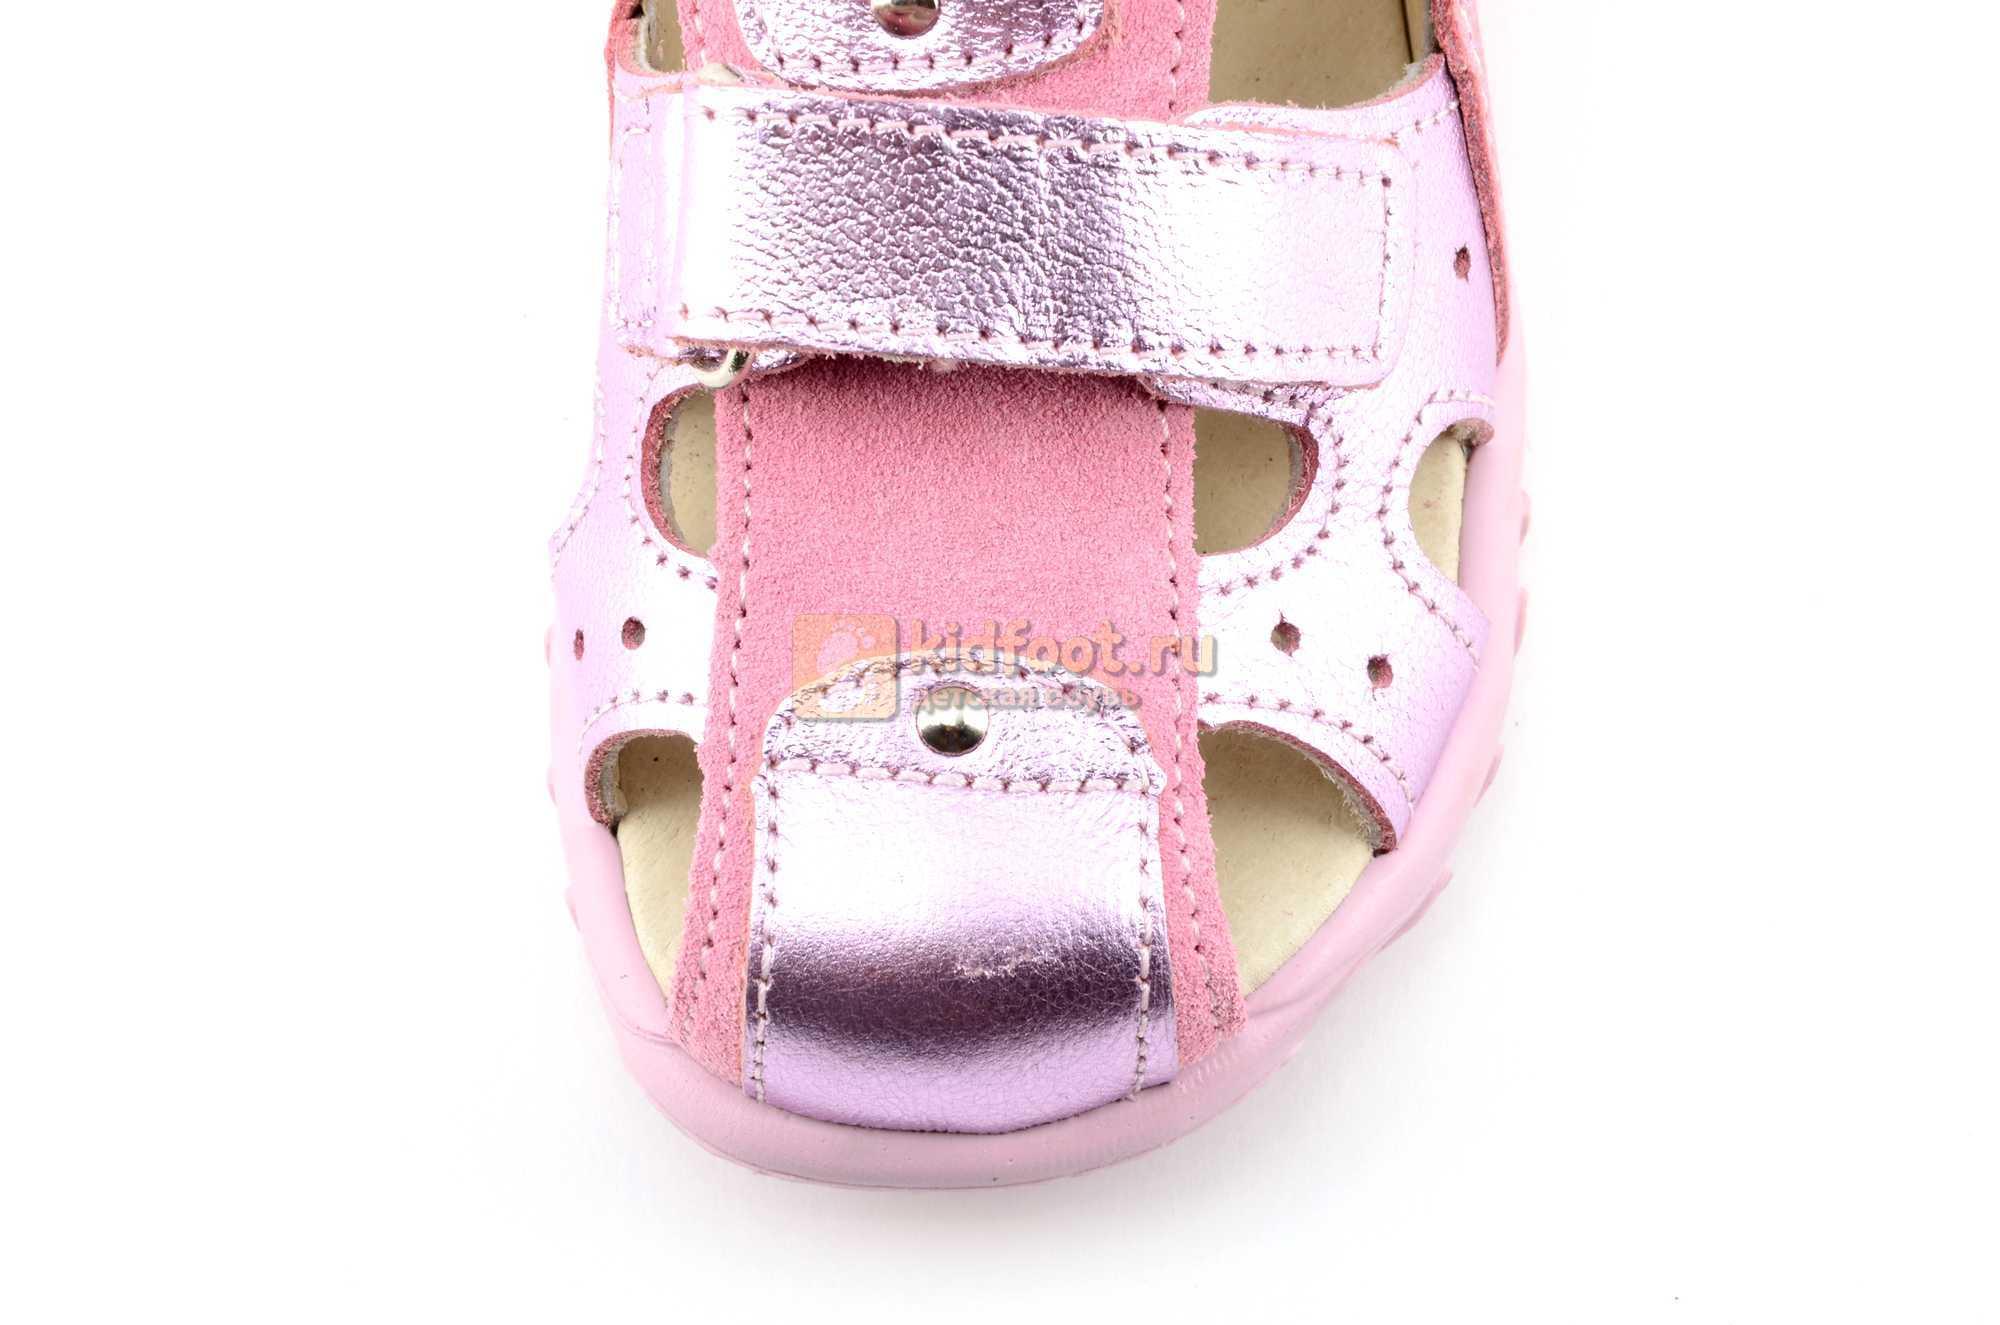 Босоножки Тотто из натуральной кожи с закрытым носом для девочек, цвет розовый металлик